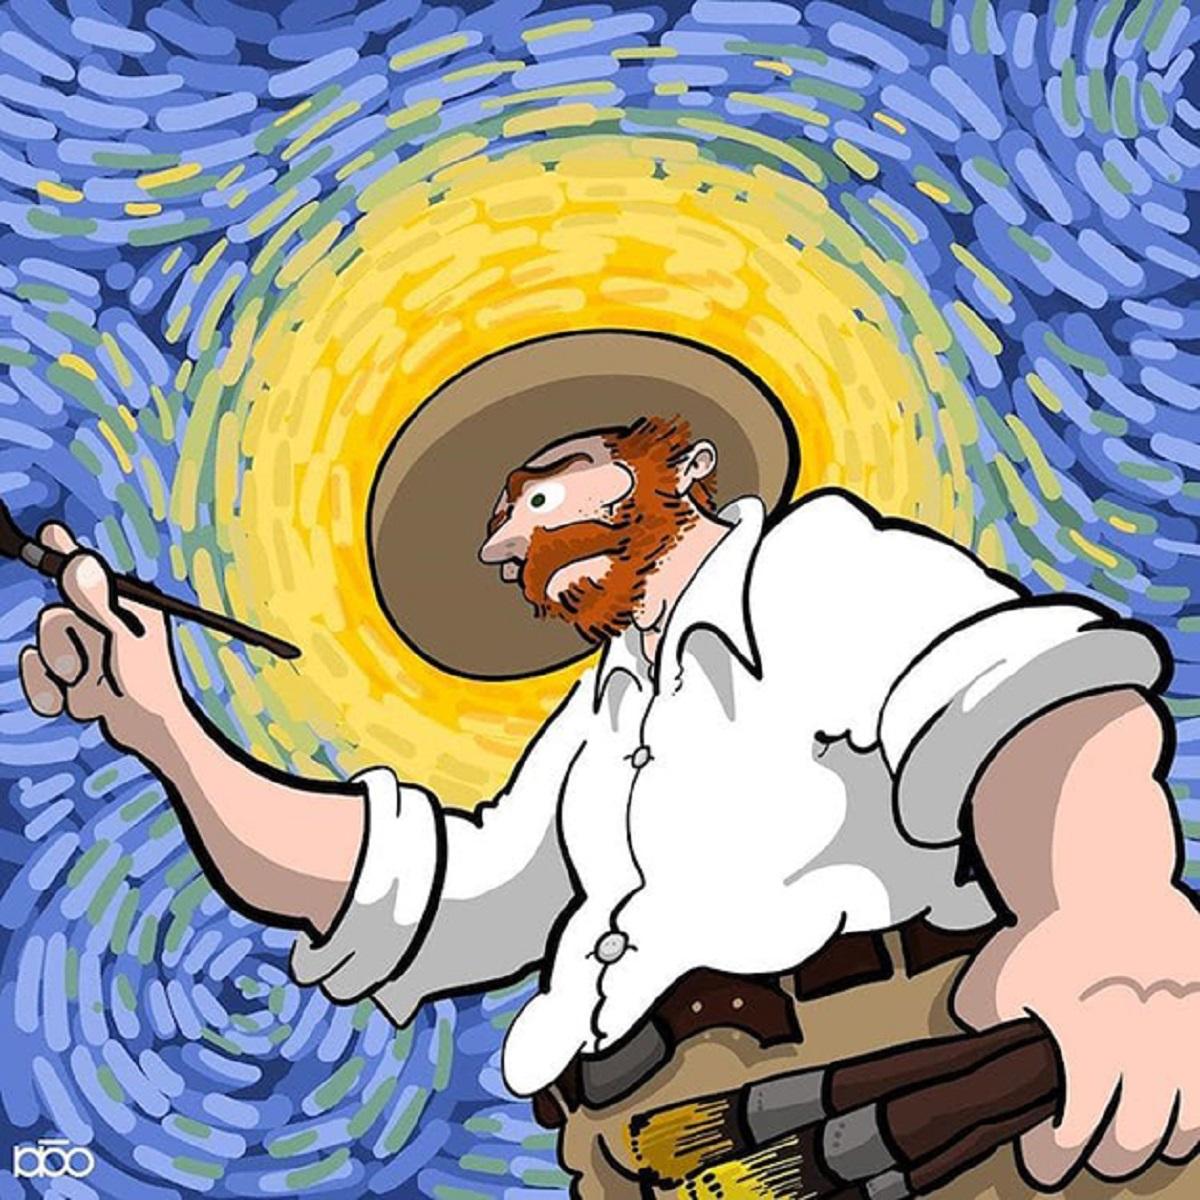 Karimi Van Gogh 09 - Ilustrador Iraniano desenhou a vida de Van Gogh em lindos quadrinhos